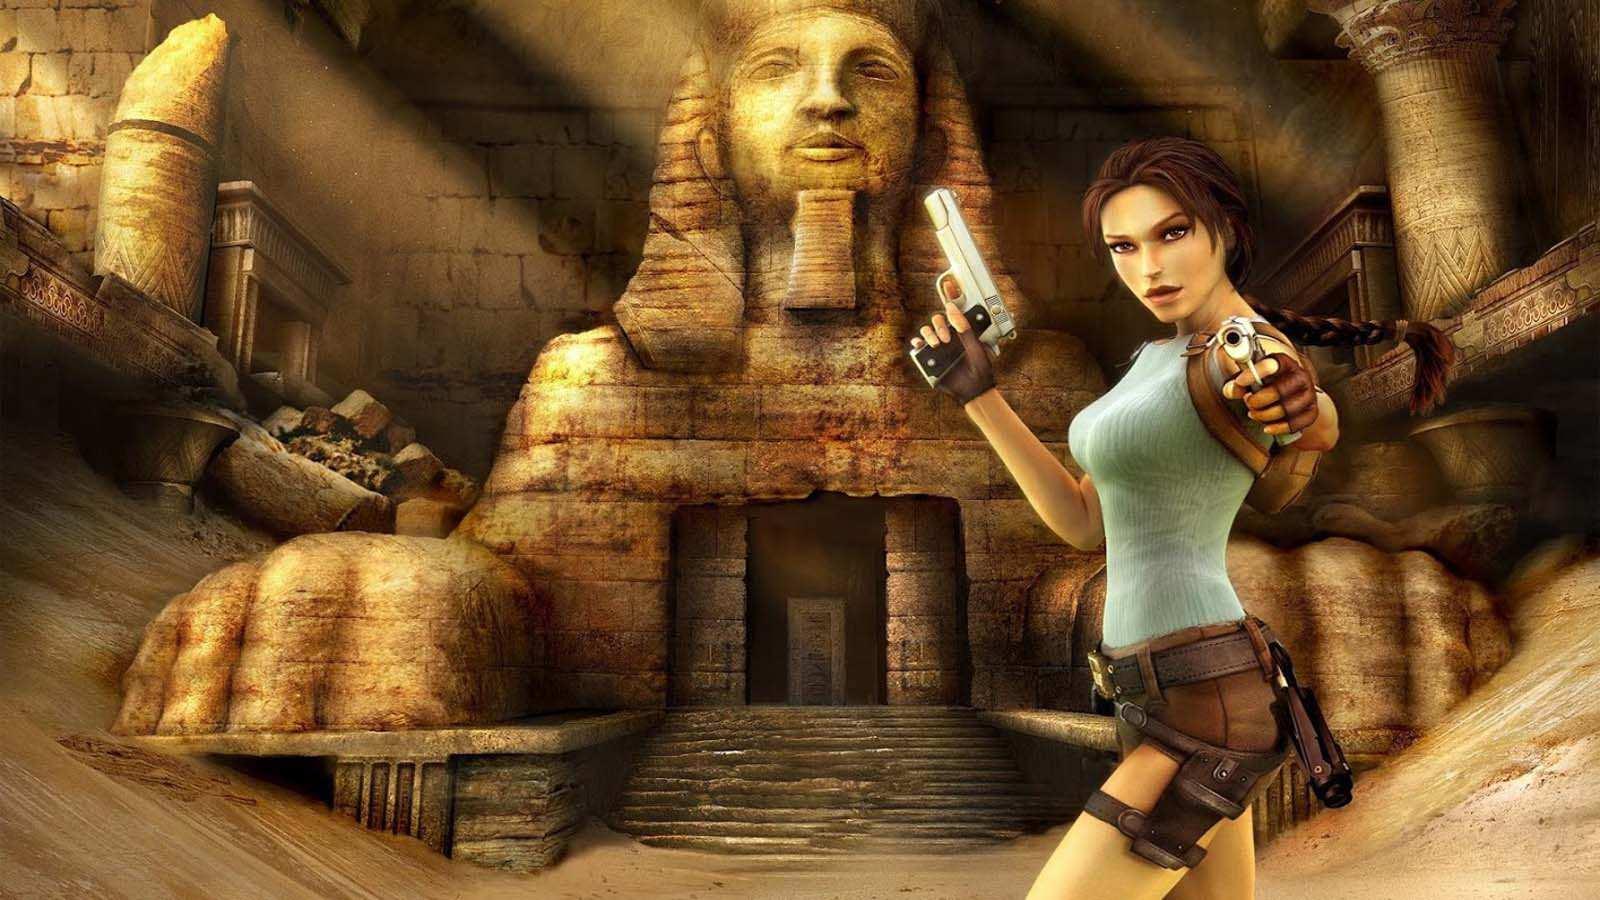 تحميل لعبة Tomb Raider Collection مضغوطة برابط واحد مباشر كاملة مجانا